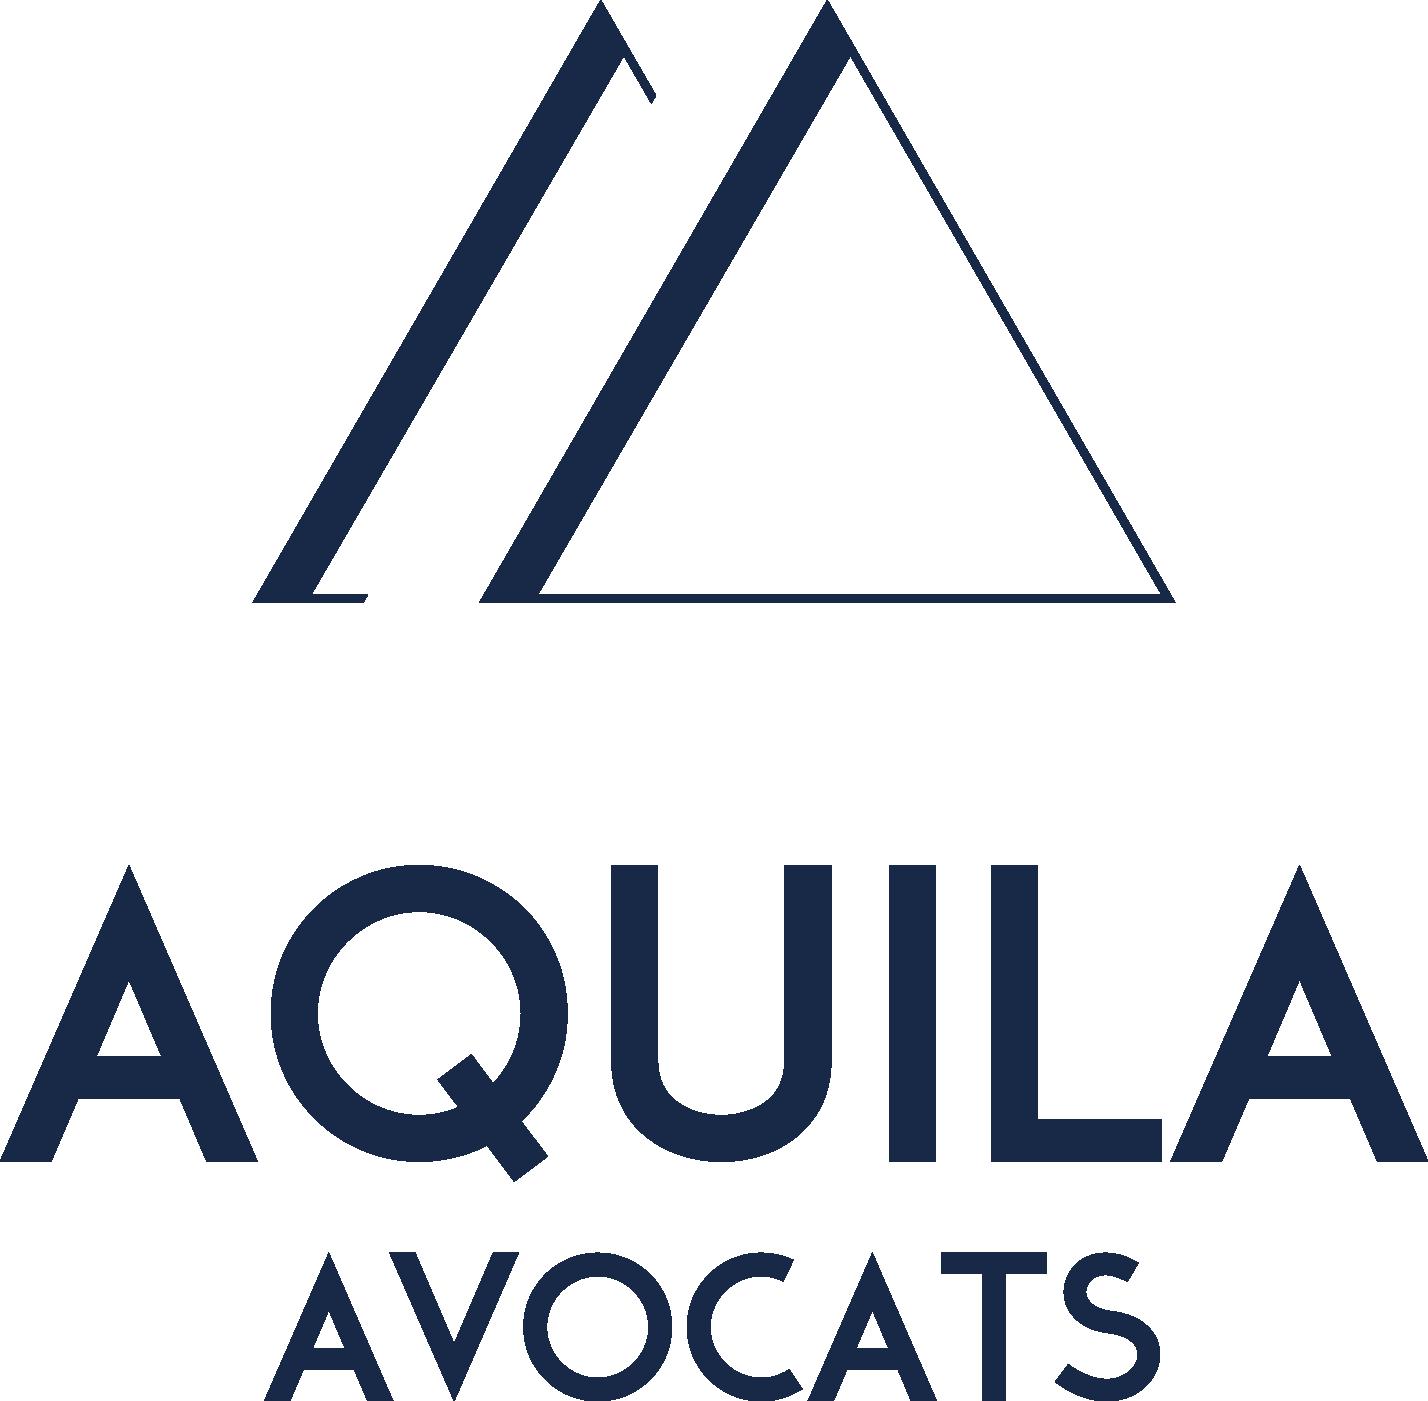 the Aquila Avocats logo.